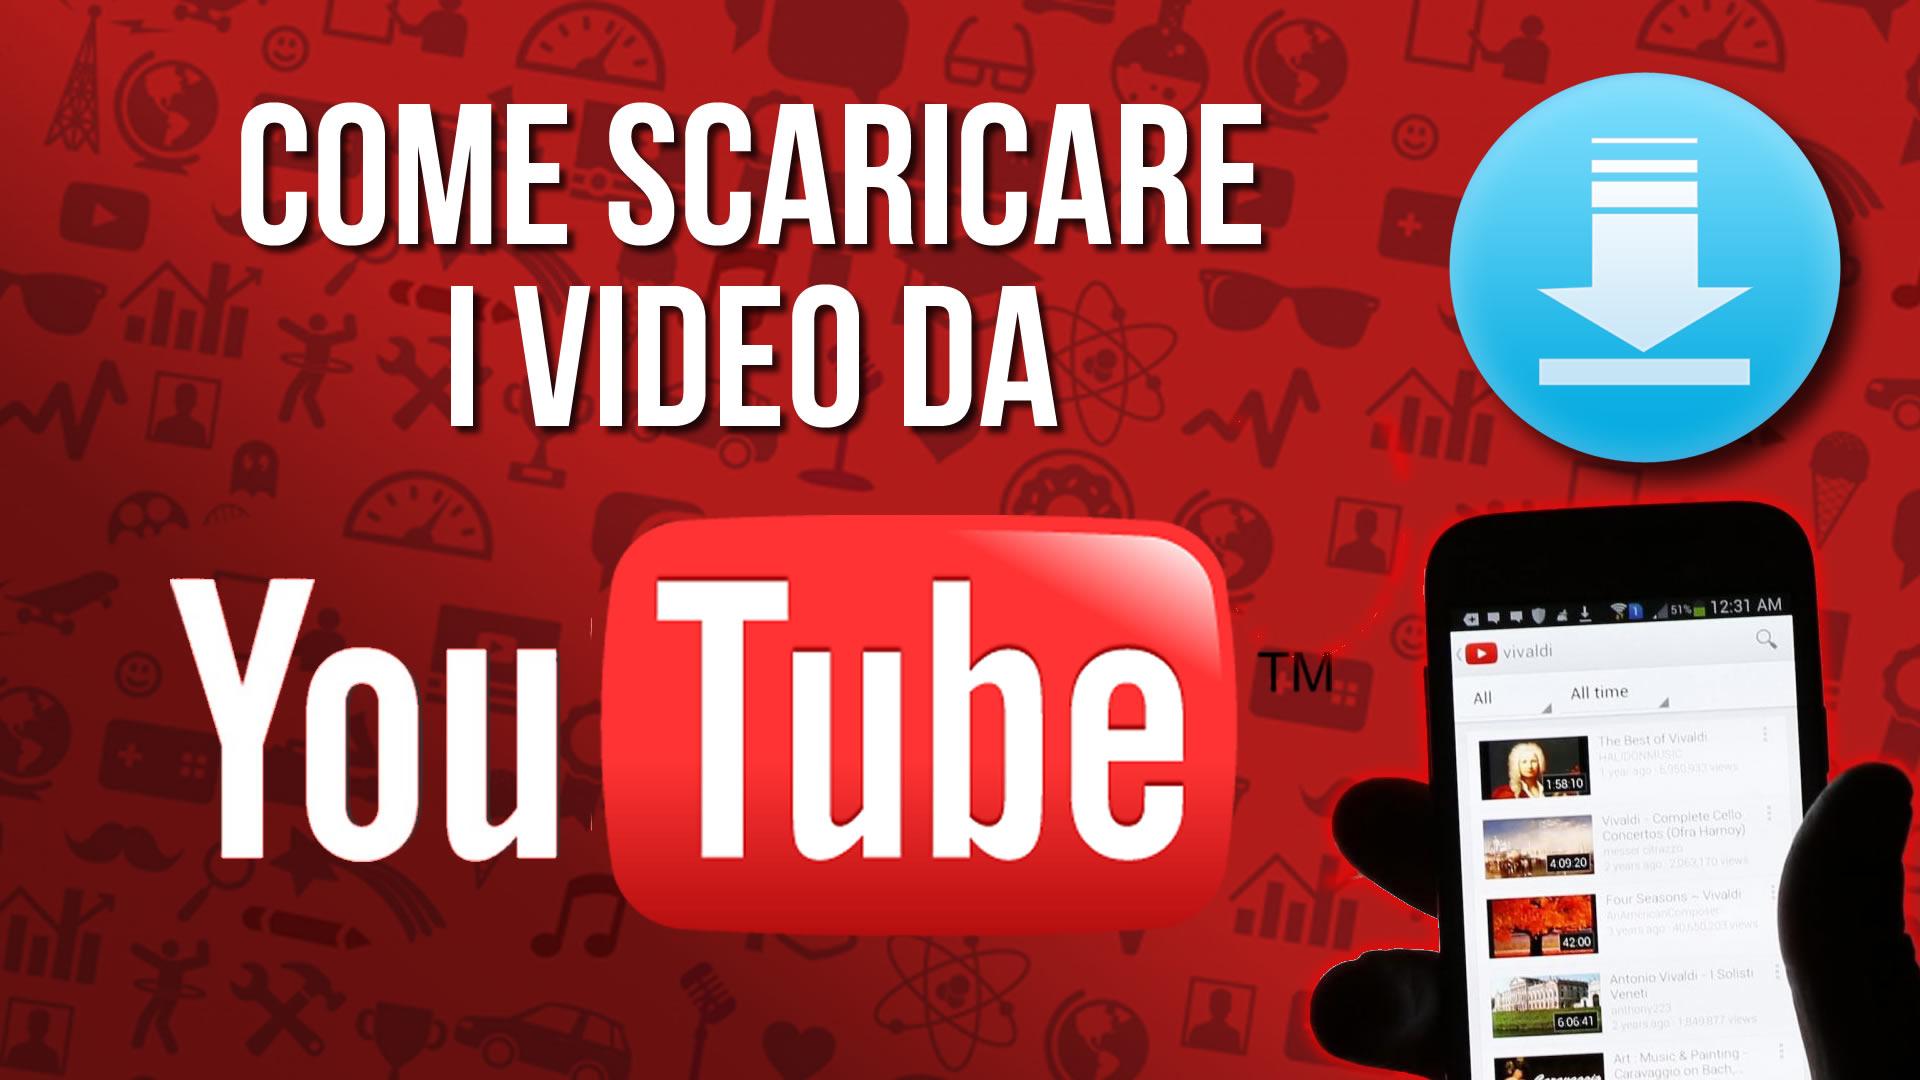 Come scaricare i video da YouTube